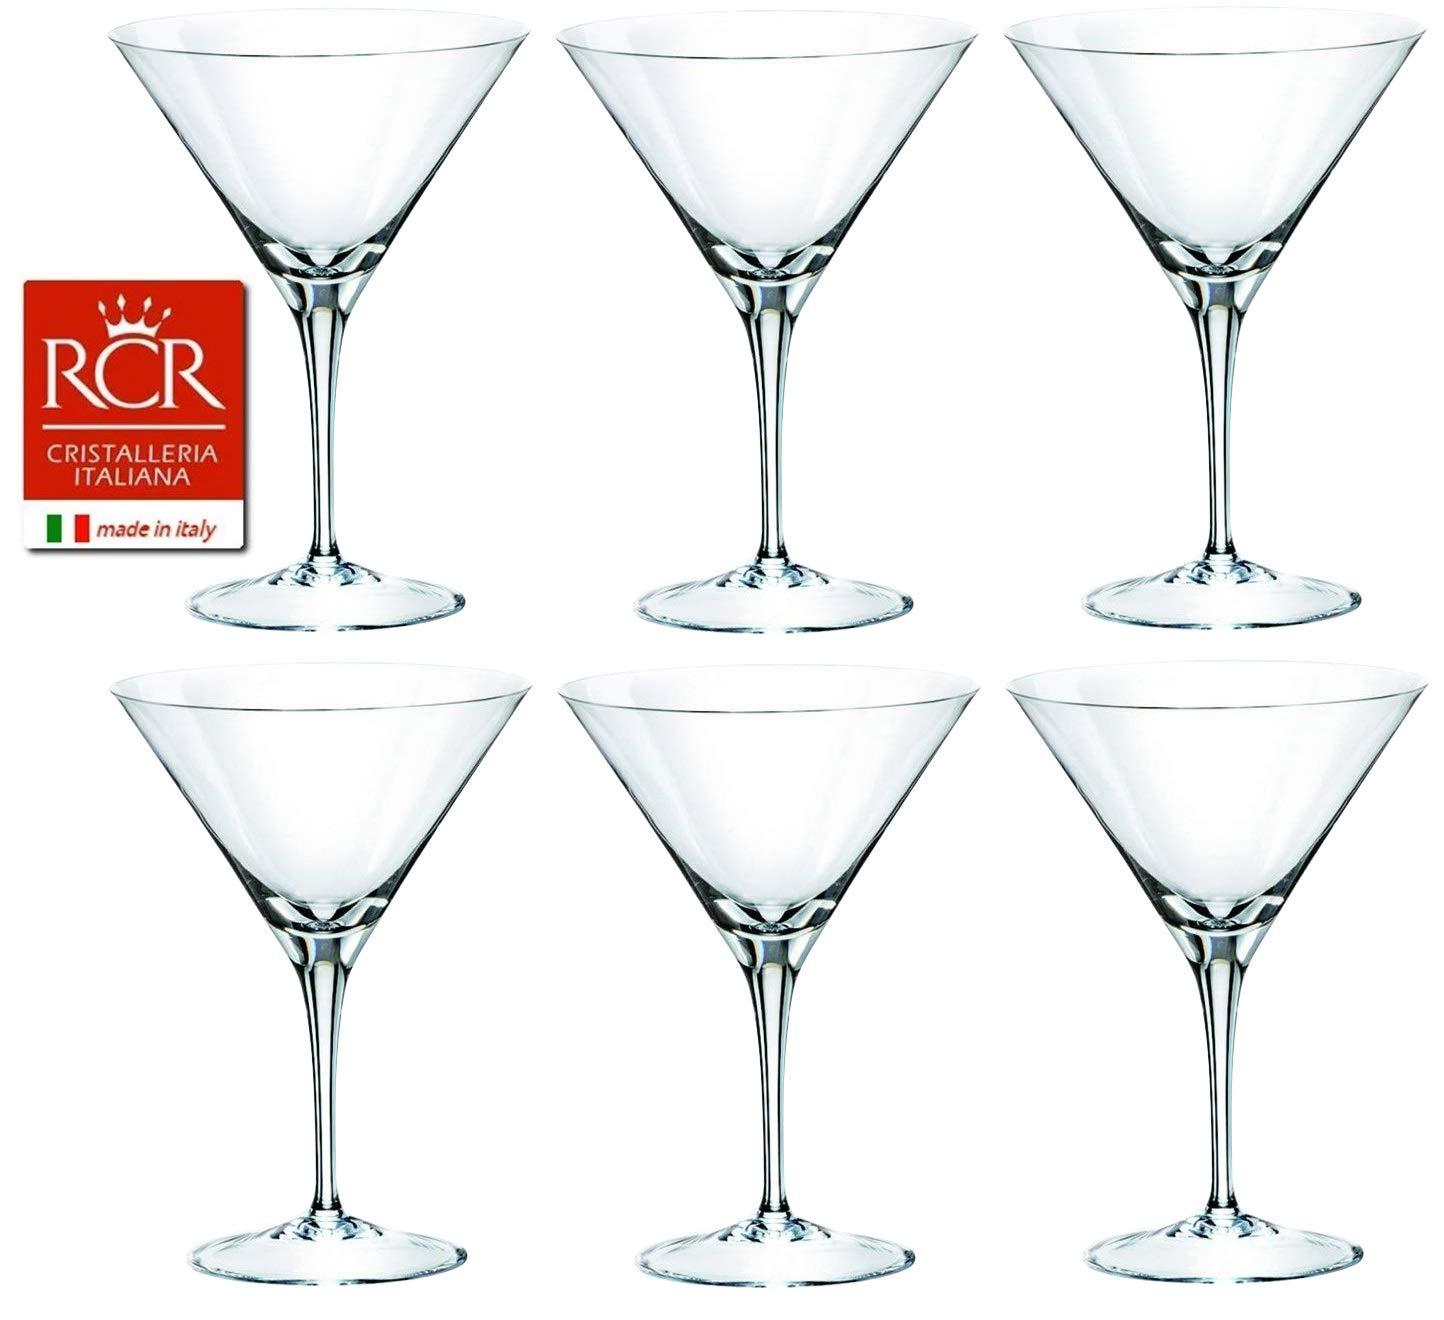 RCR Cristalleria Italiana Invino Crystal Glass Drinkware Set (Martini [12 oz.]) by RCR Cristalleria Italiana